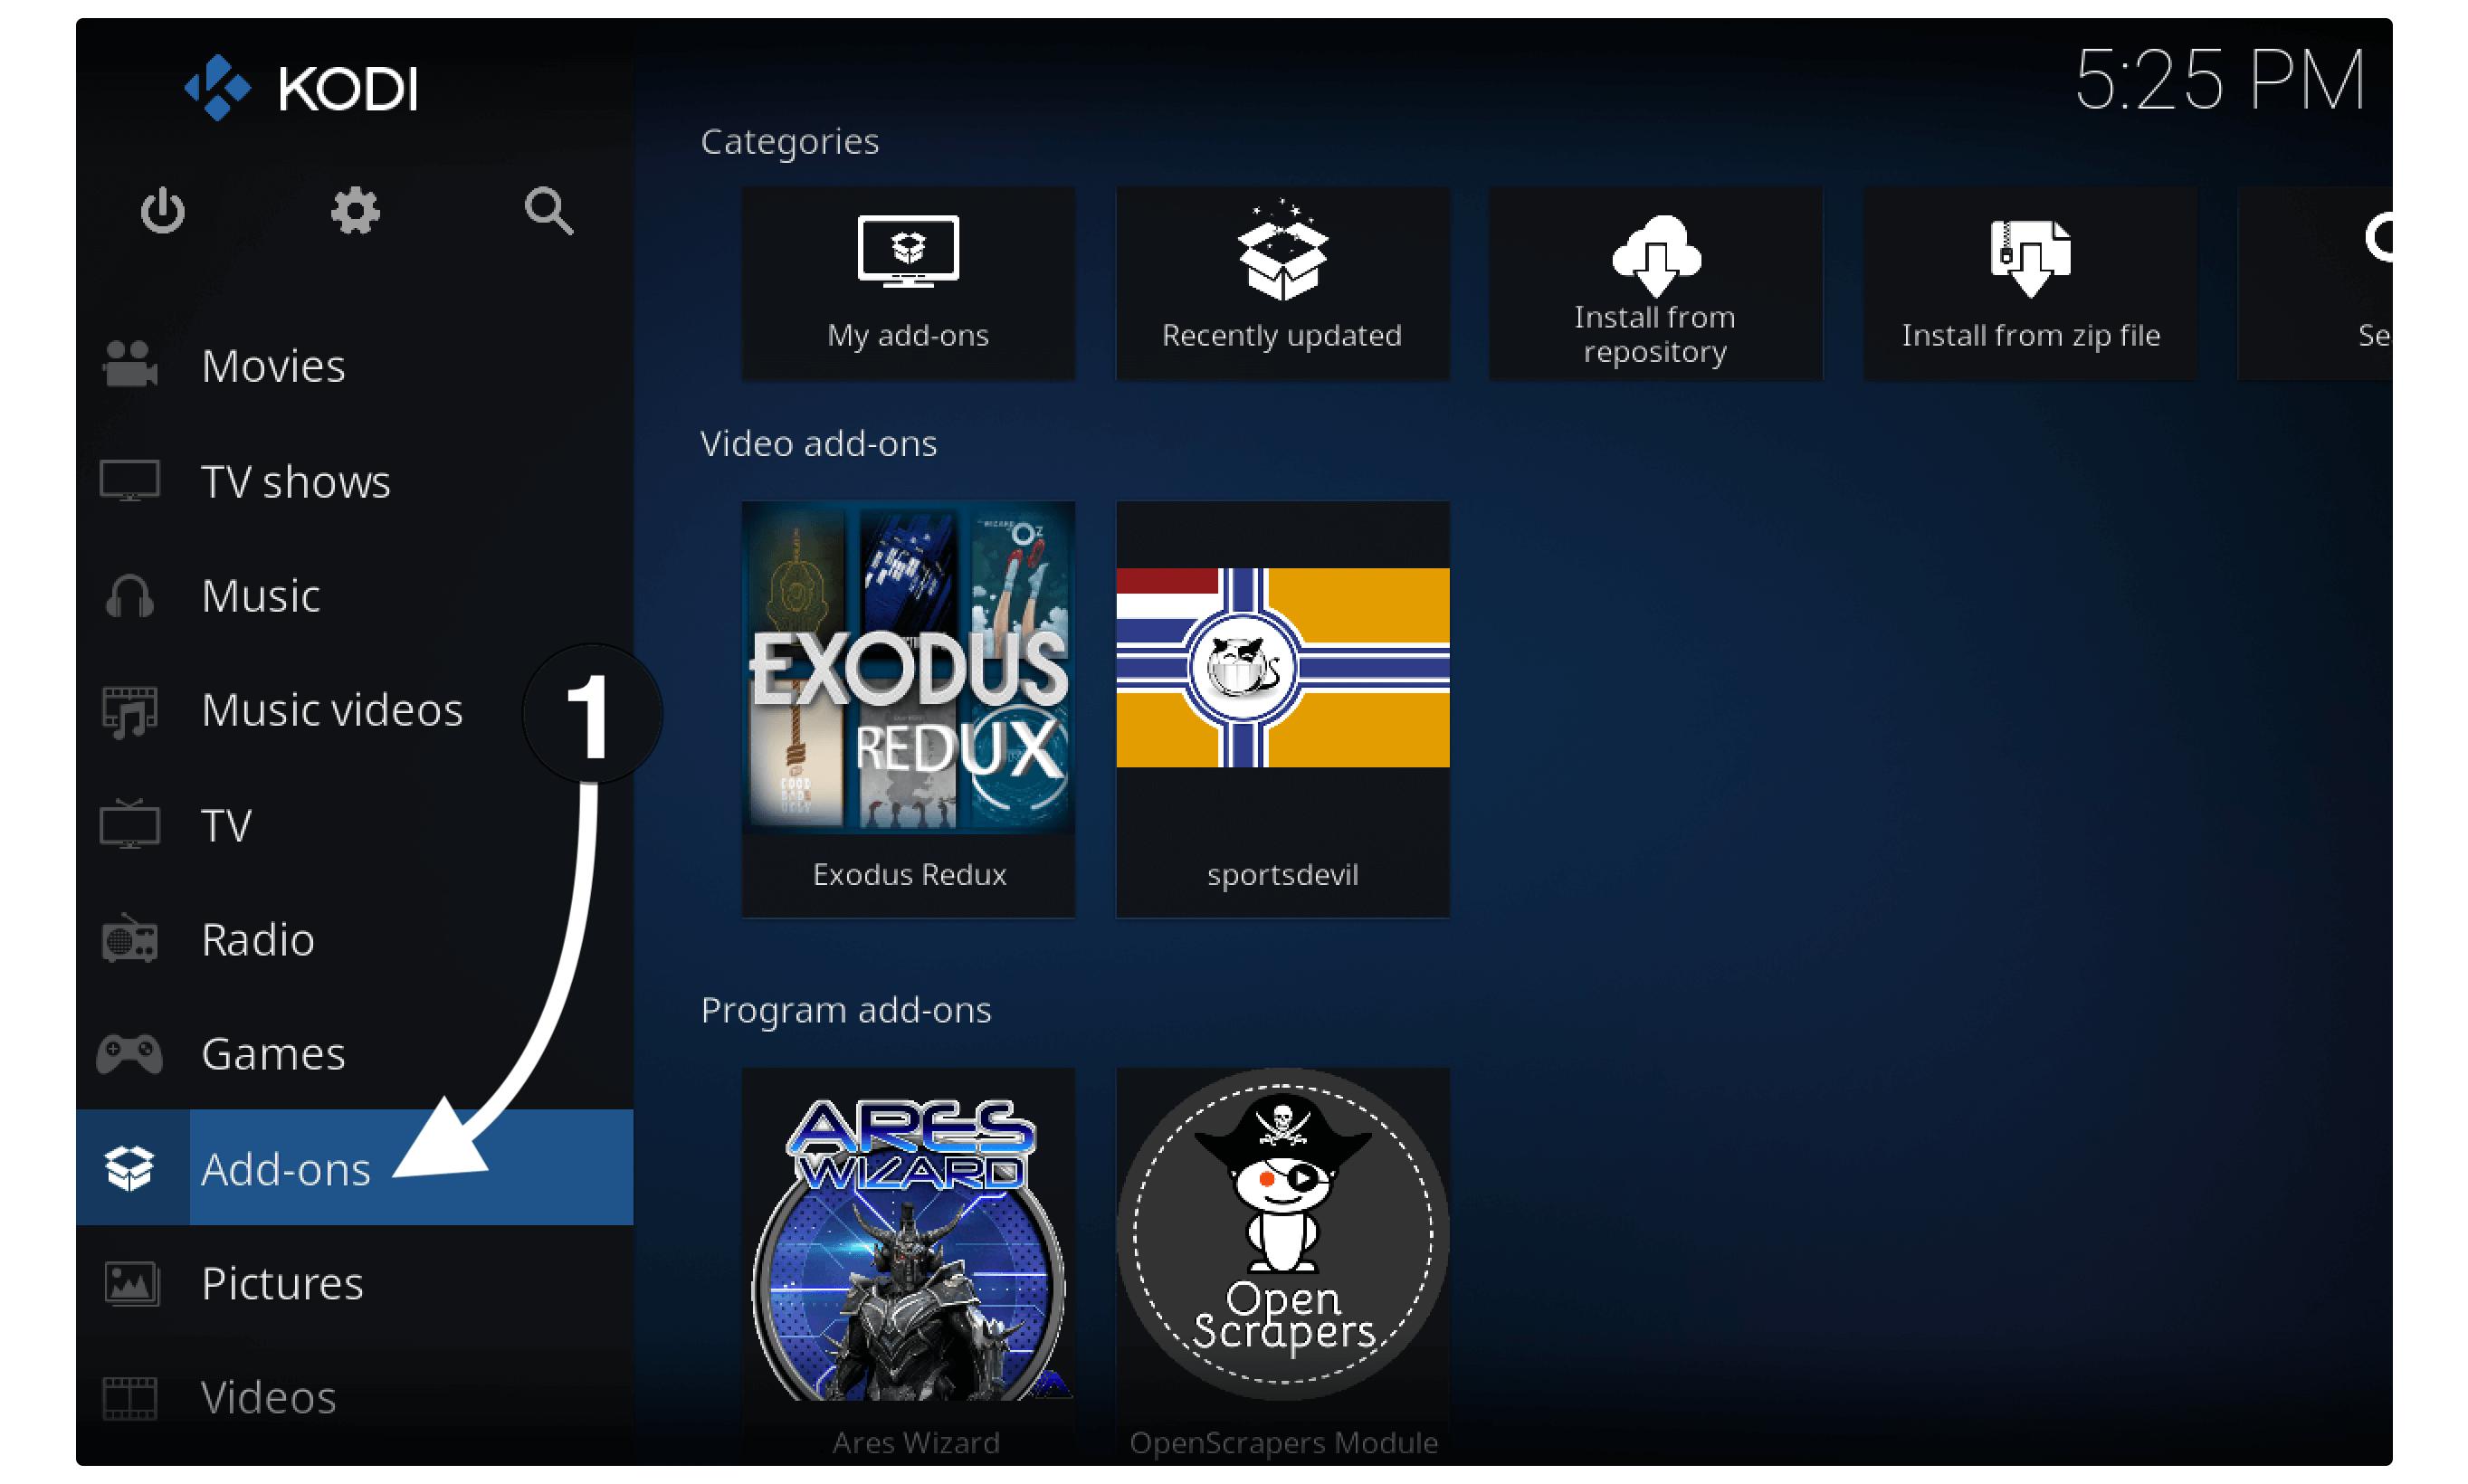 Fix-Sportsdevil-Not-Working-On-Kodi-media-Player